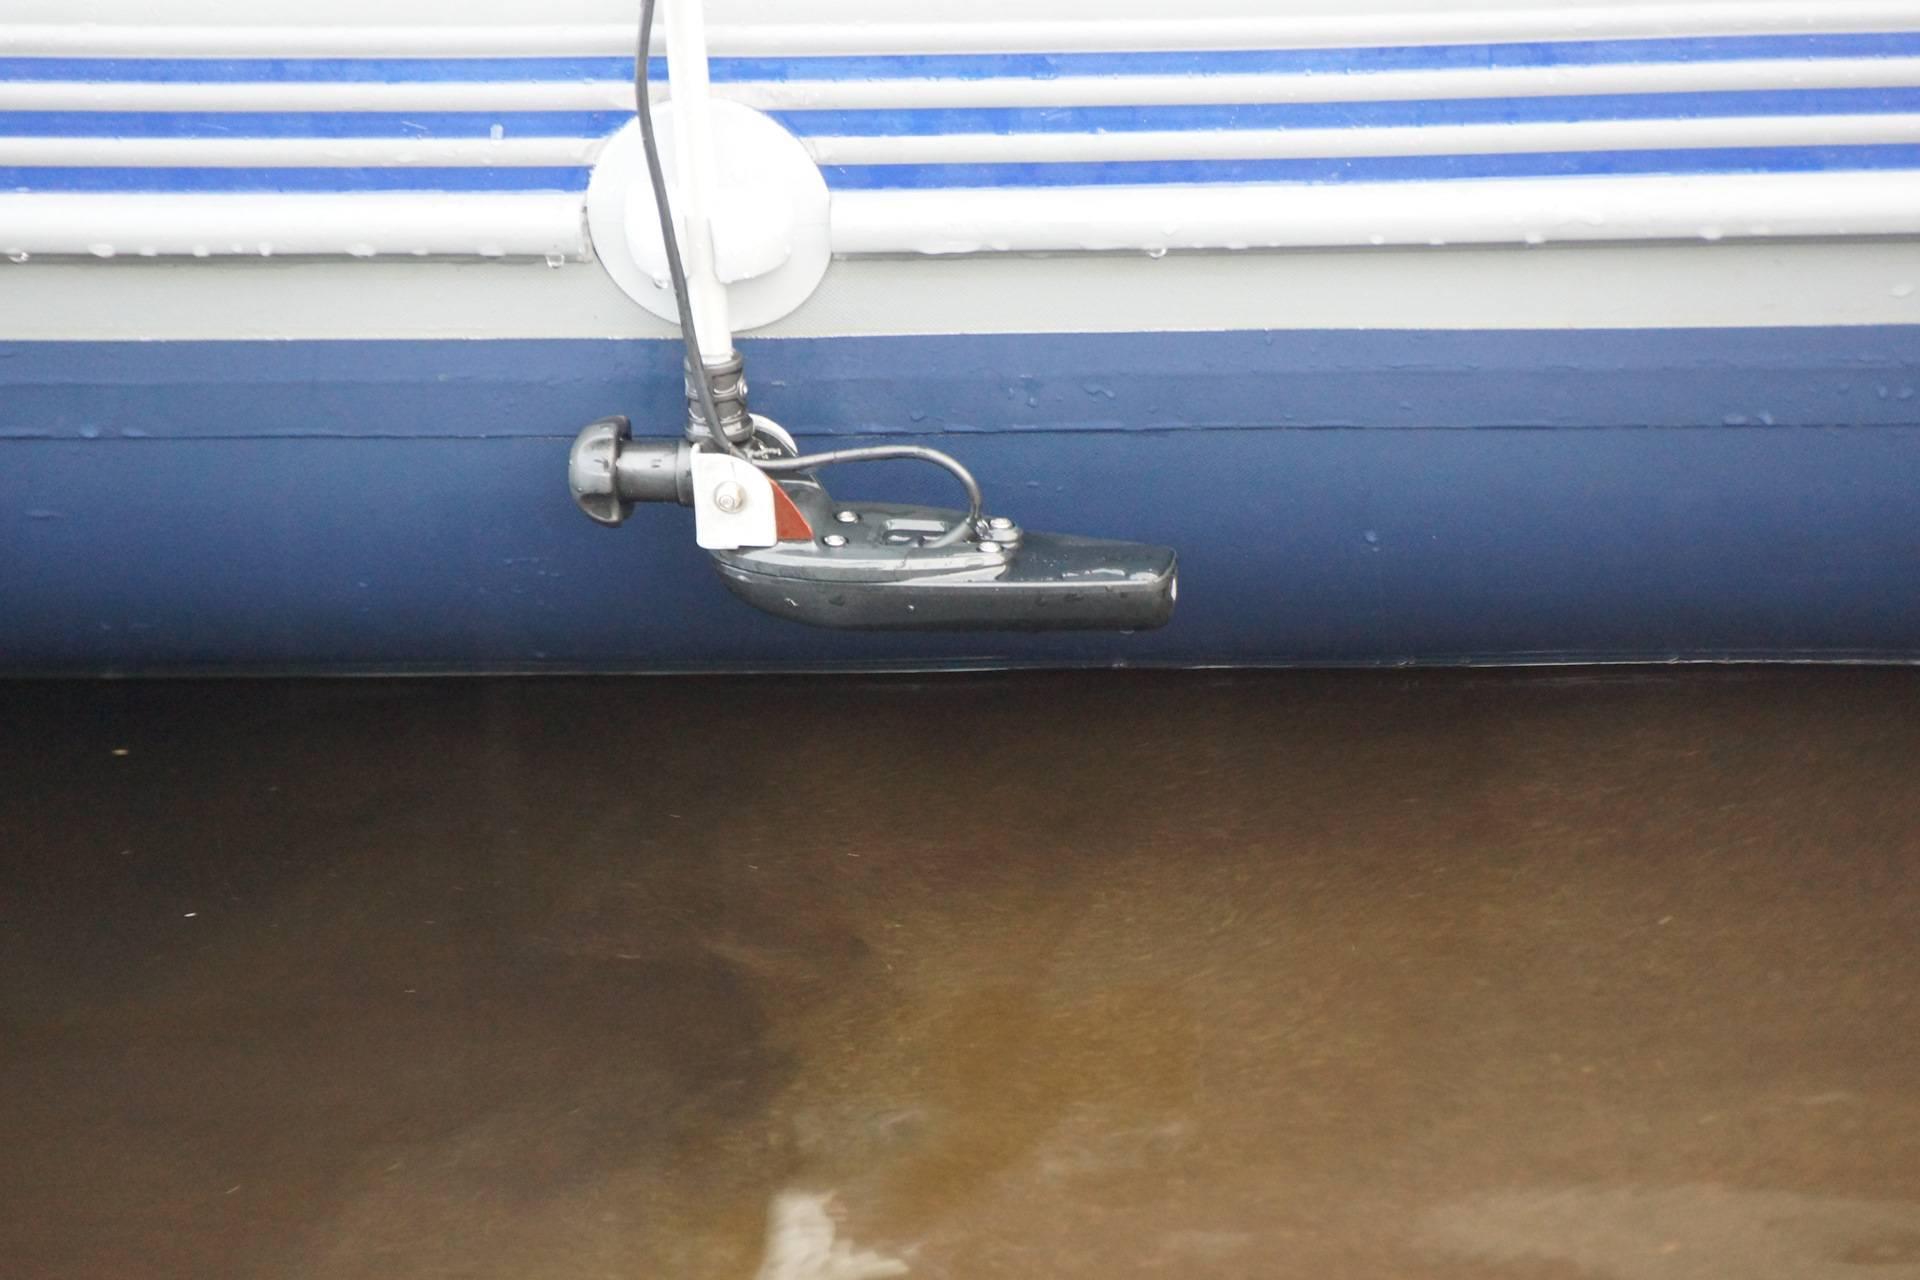 Крепление эхолота на лодку: установка своими руками на катер с мотором. как правильно его закрепить на пвх, алюминиевую или надувную лодку?